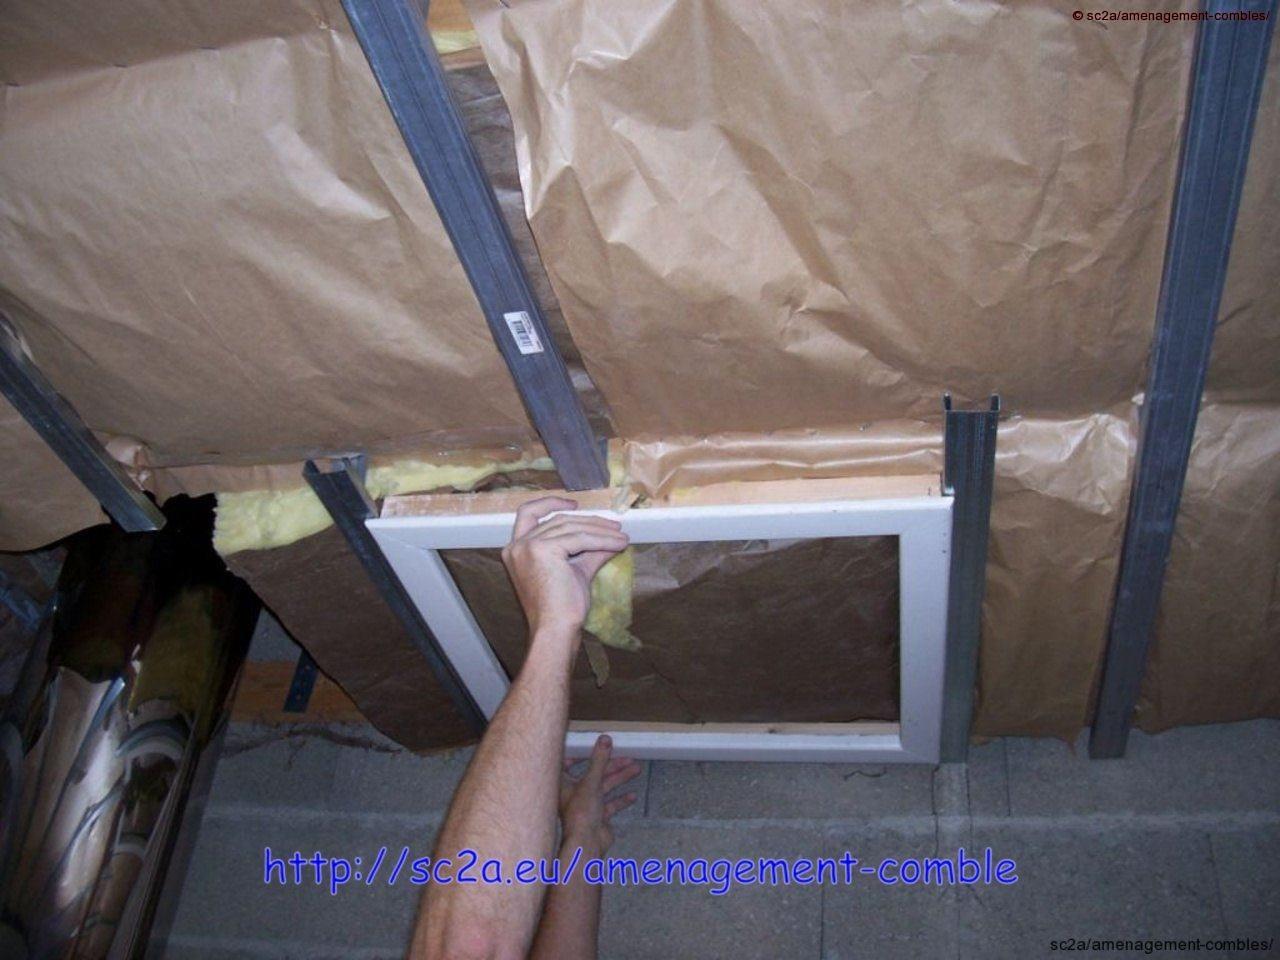 mise en place provisoire de la trappe d\'accès sur les rails placo